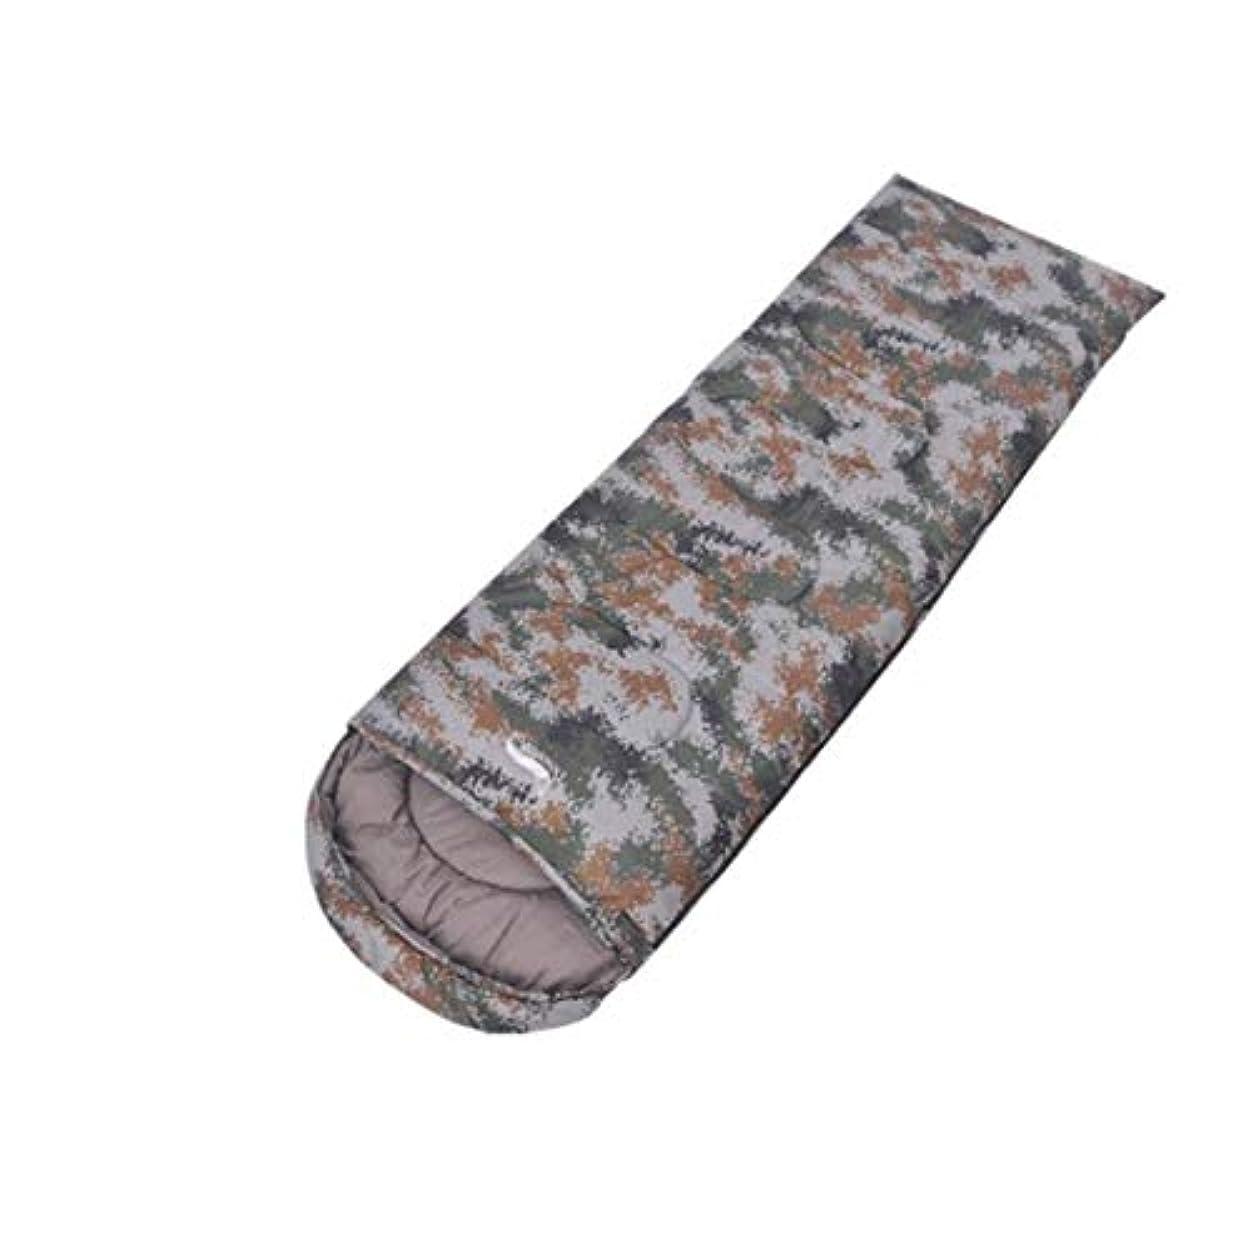 マイコンエコー振る舞いMadalena 春と秋の屋外の超軽量迷彩寝袋大人の封筒キャンプ寝袋中空綿キャンプ寝袋 (Color : Digital camouflage)